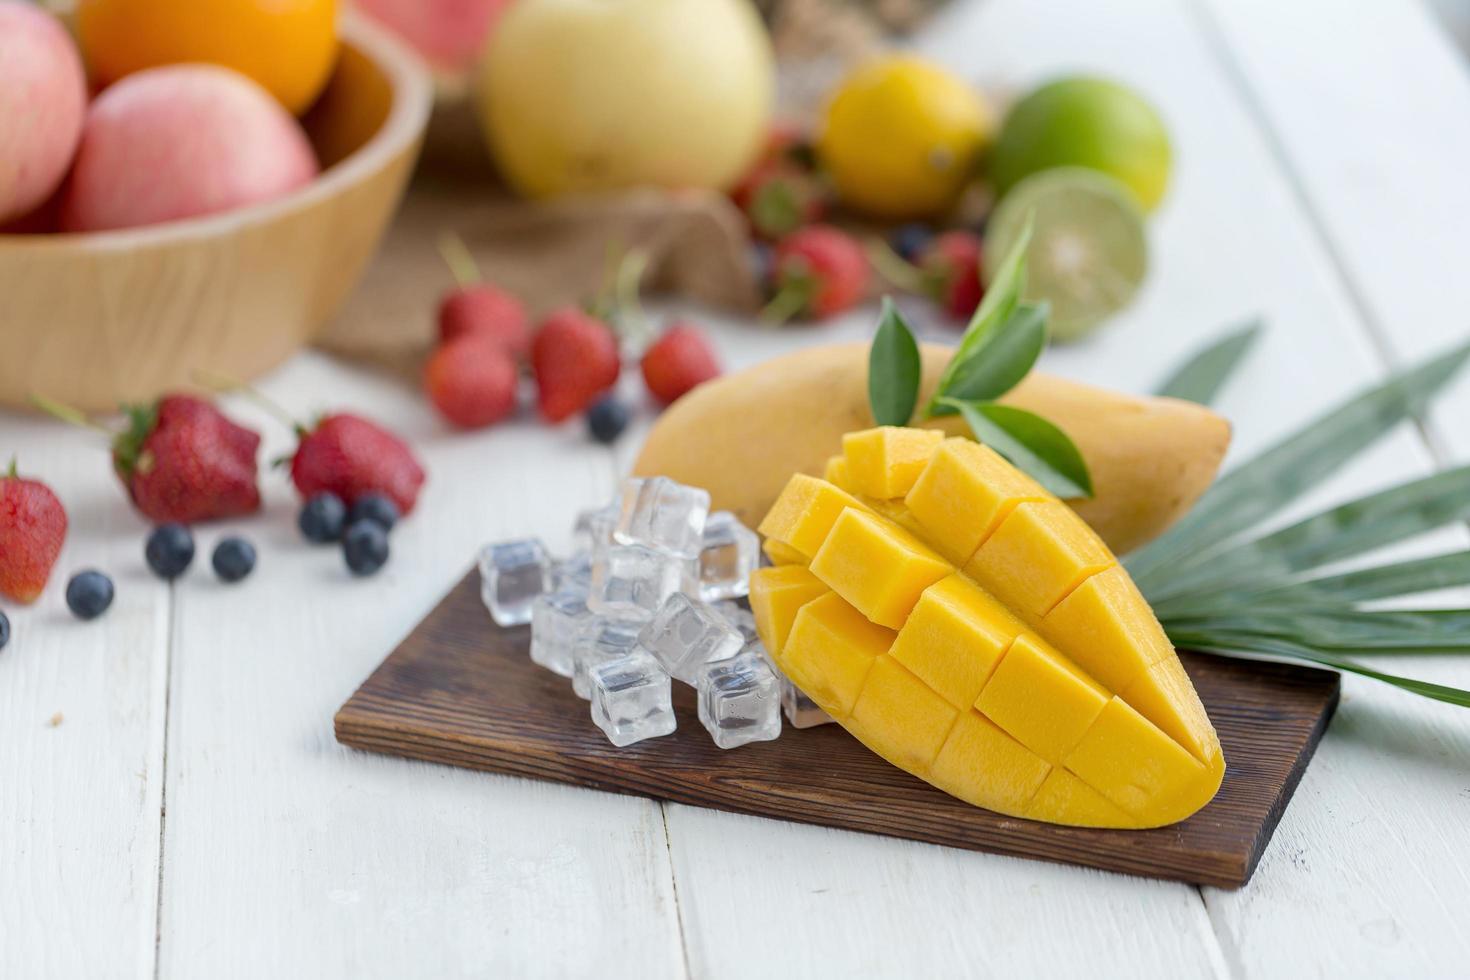 geschnittene Mango und andere Früchte foto